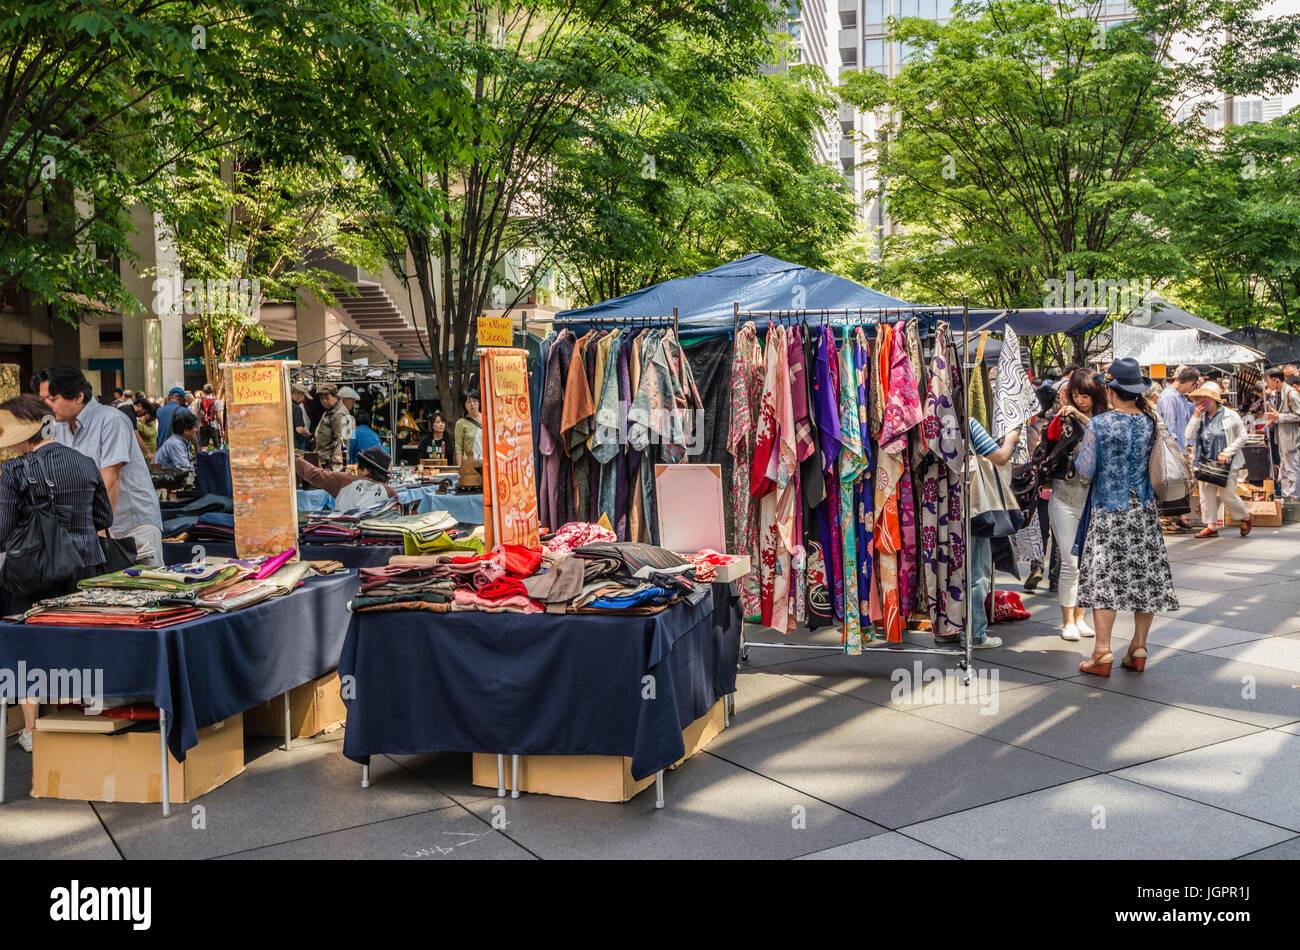 Mercado de Antigüedades en frente del Foro Internacional de Tokio, Tokio, Japón Imagen De Stock